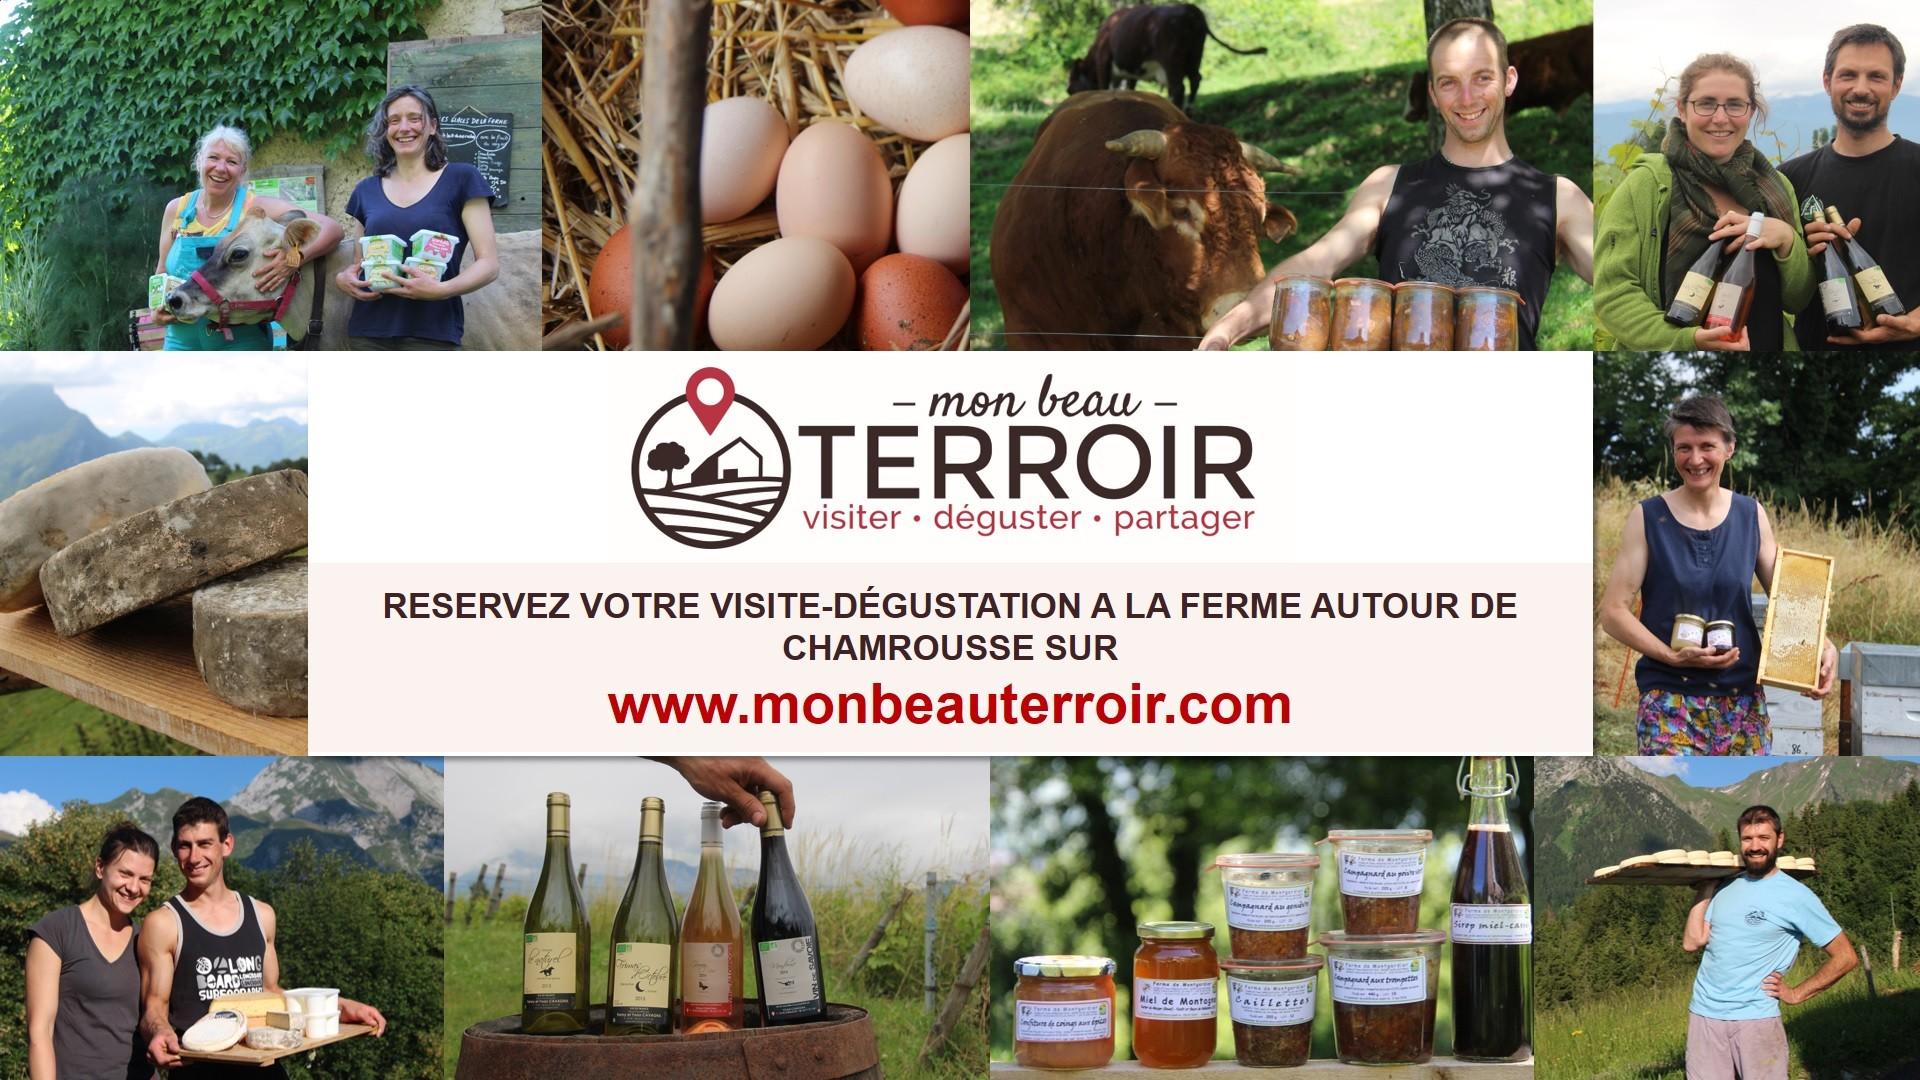 Visite fermes chamrousse